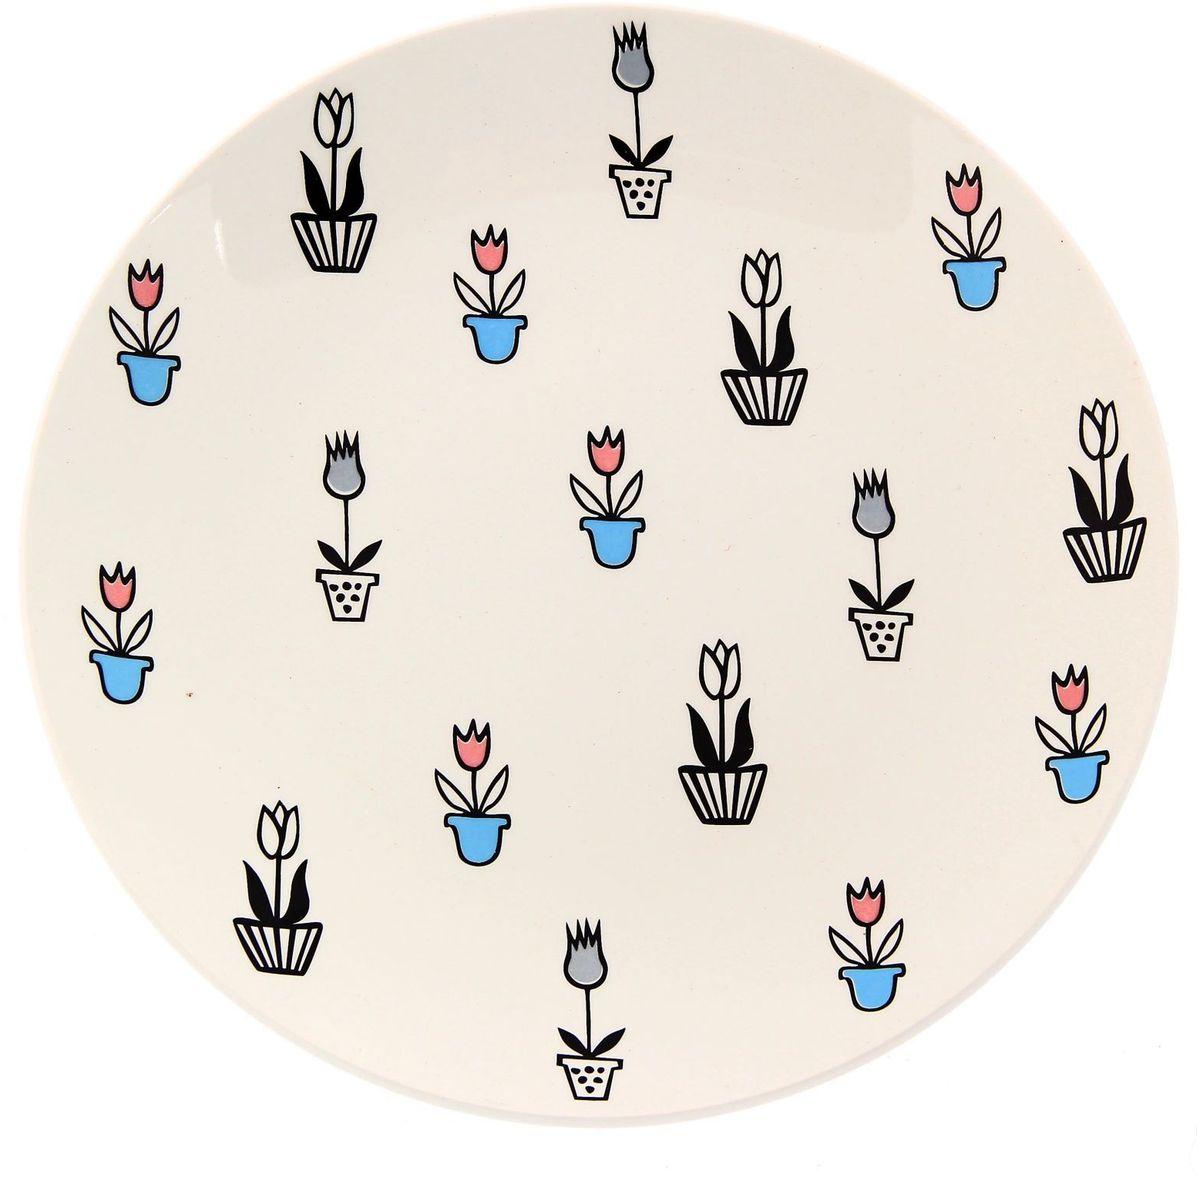 Тарелка Сотвори чудо Тюльпаны, диаметр 22 см54 009312Хотите обновить интерьер кухни или гостиной? Устраиваете необычную фотосессию или тематический праздник? А может, просто ищете подарок для близкого человека? Посуда Сотвори Чудо — правильный выбор в любой ситуации. Тарелка Сотвори Чудо, изготовленная из изящного фаянса нежного сливочного цвета, оформлена оригинальным рисунком со стойкой краской. Пригодна для посудомоечной машины.